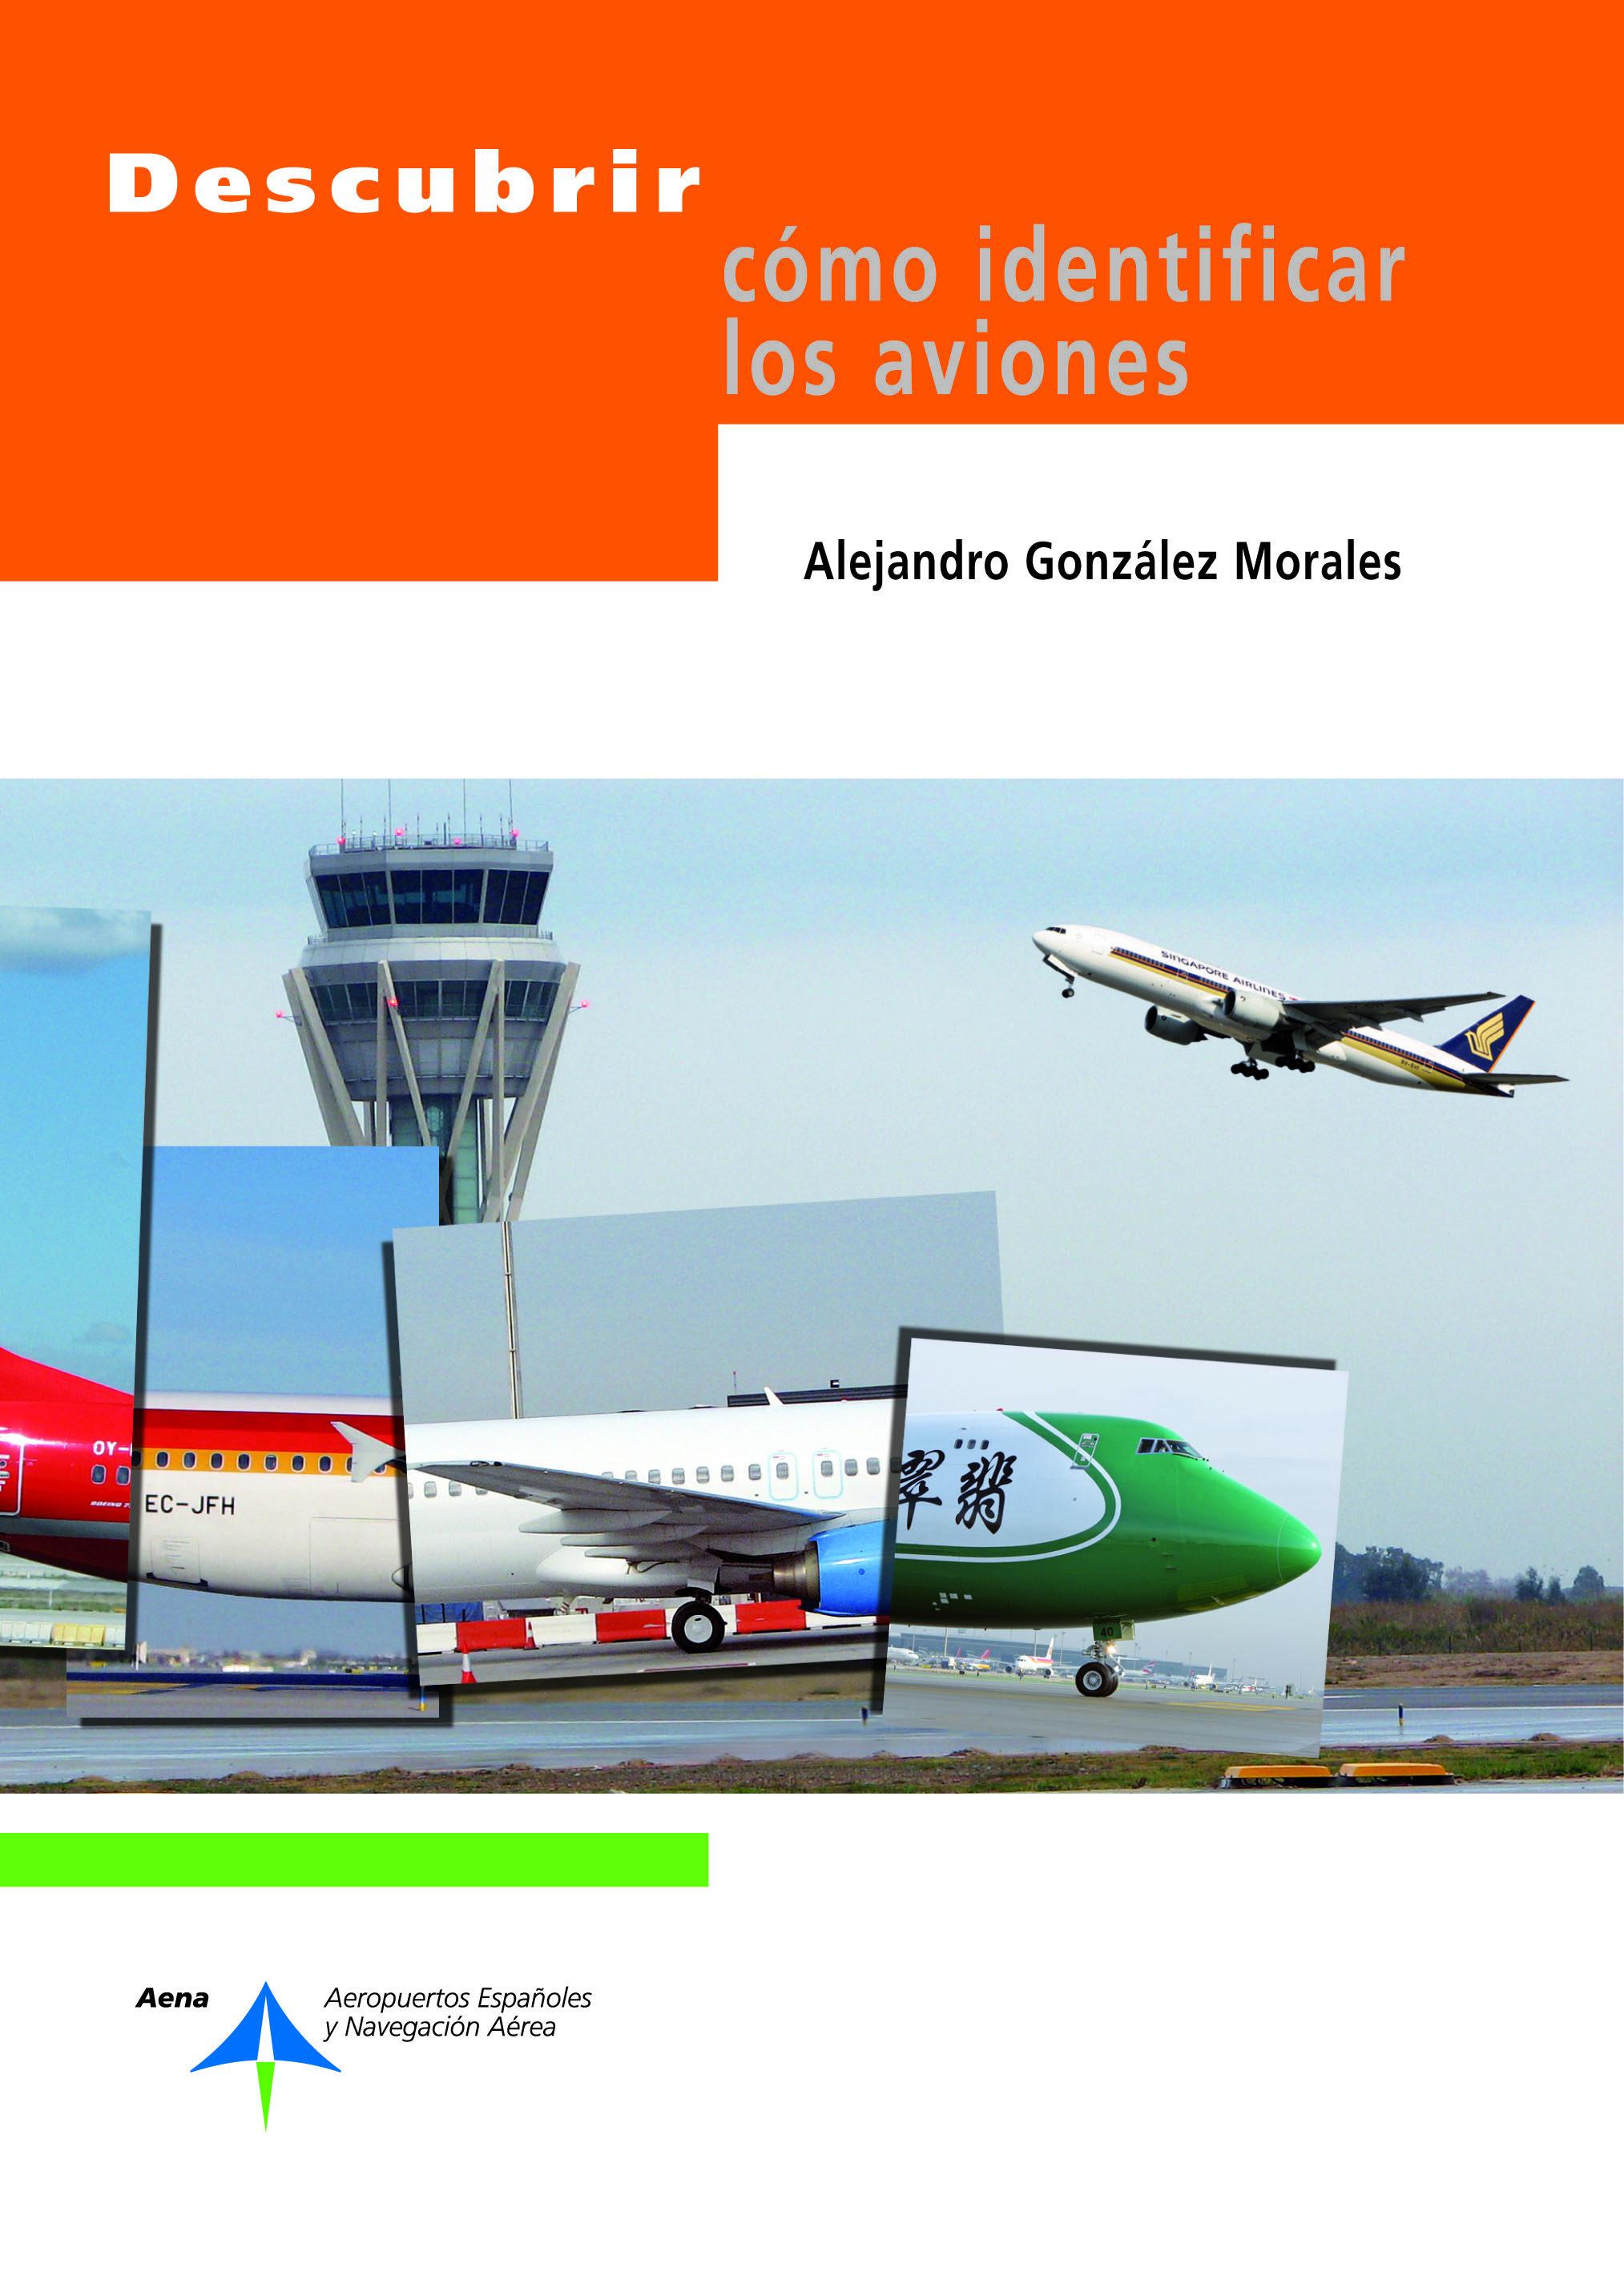 DESCUBRIR COMO IDENTIFICAR LOS AVIONES | ALEJANDRO GONZALEZ ...